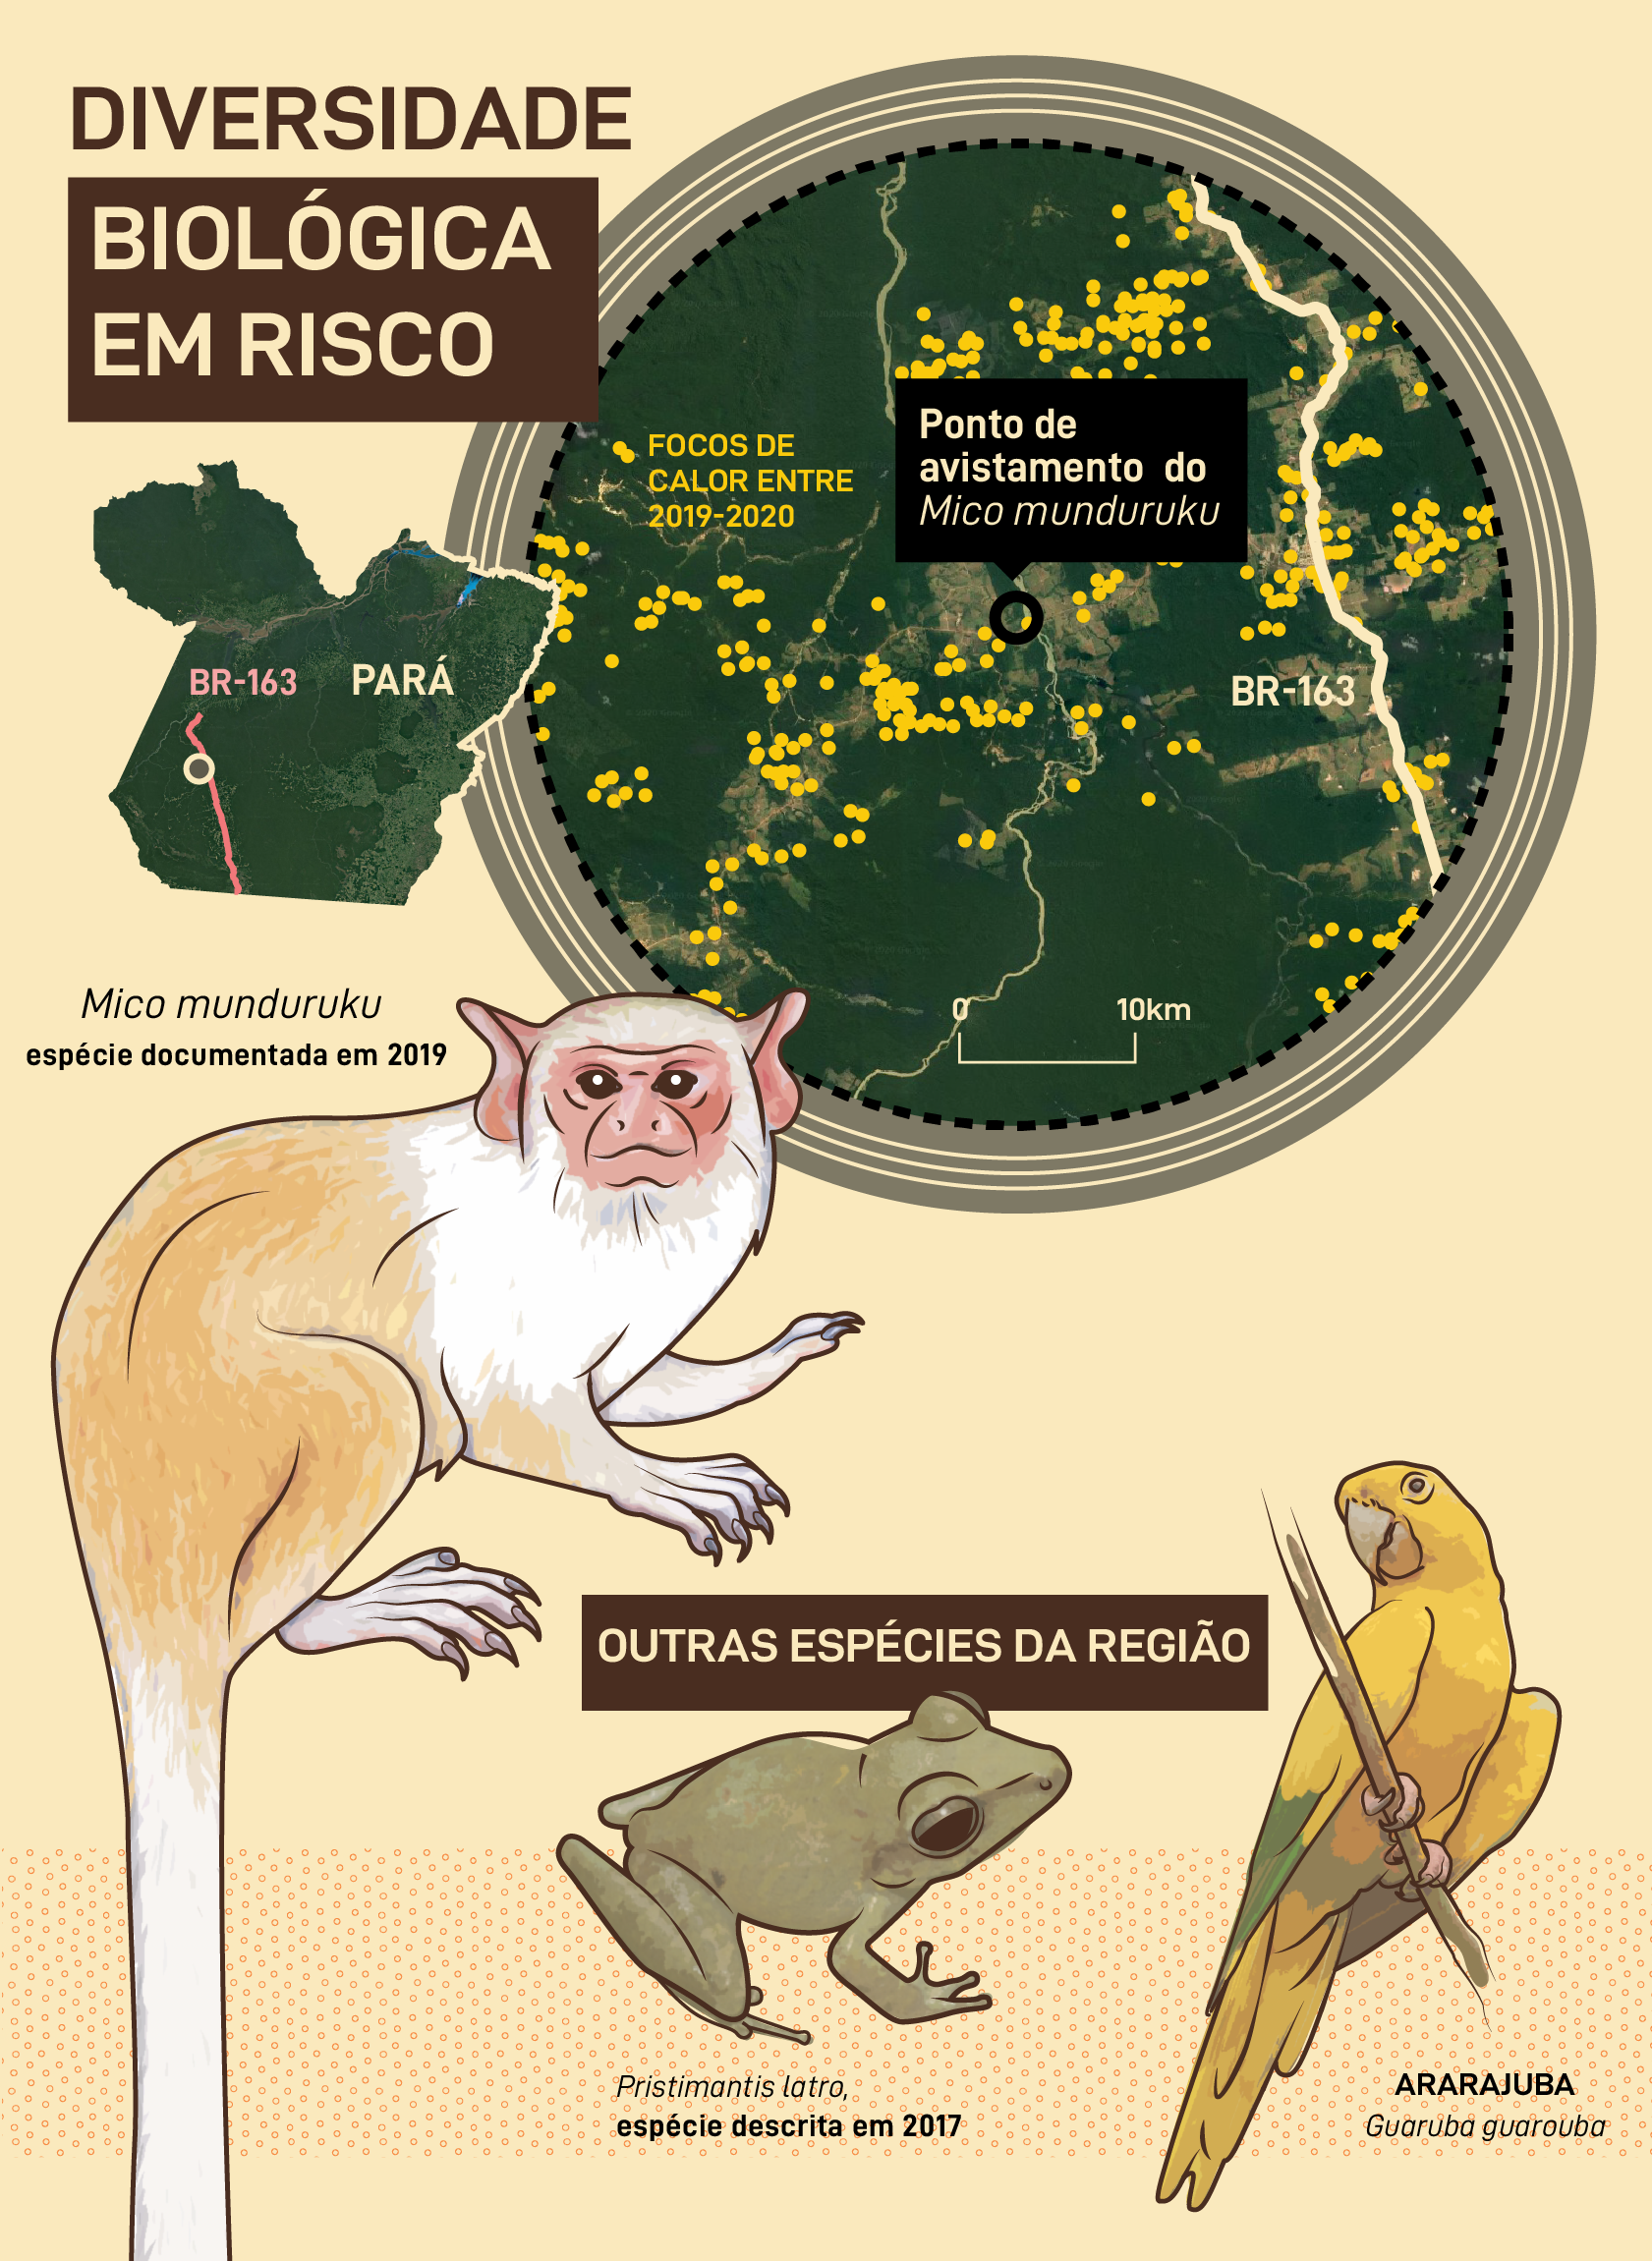 Diversidade biológica em risco